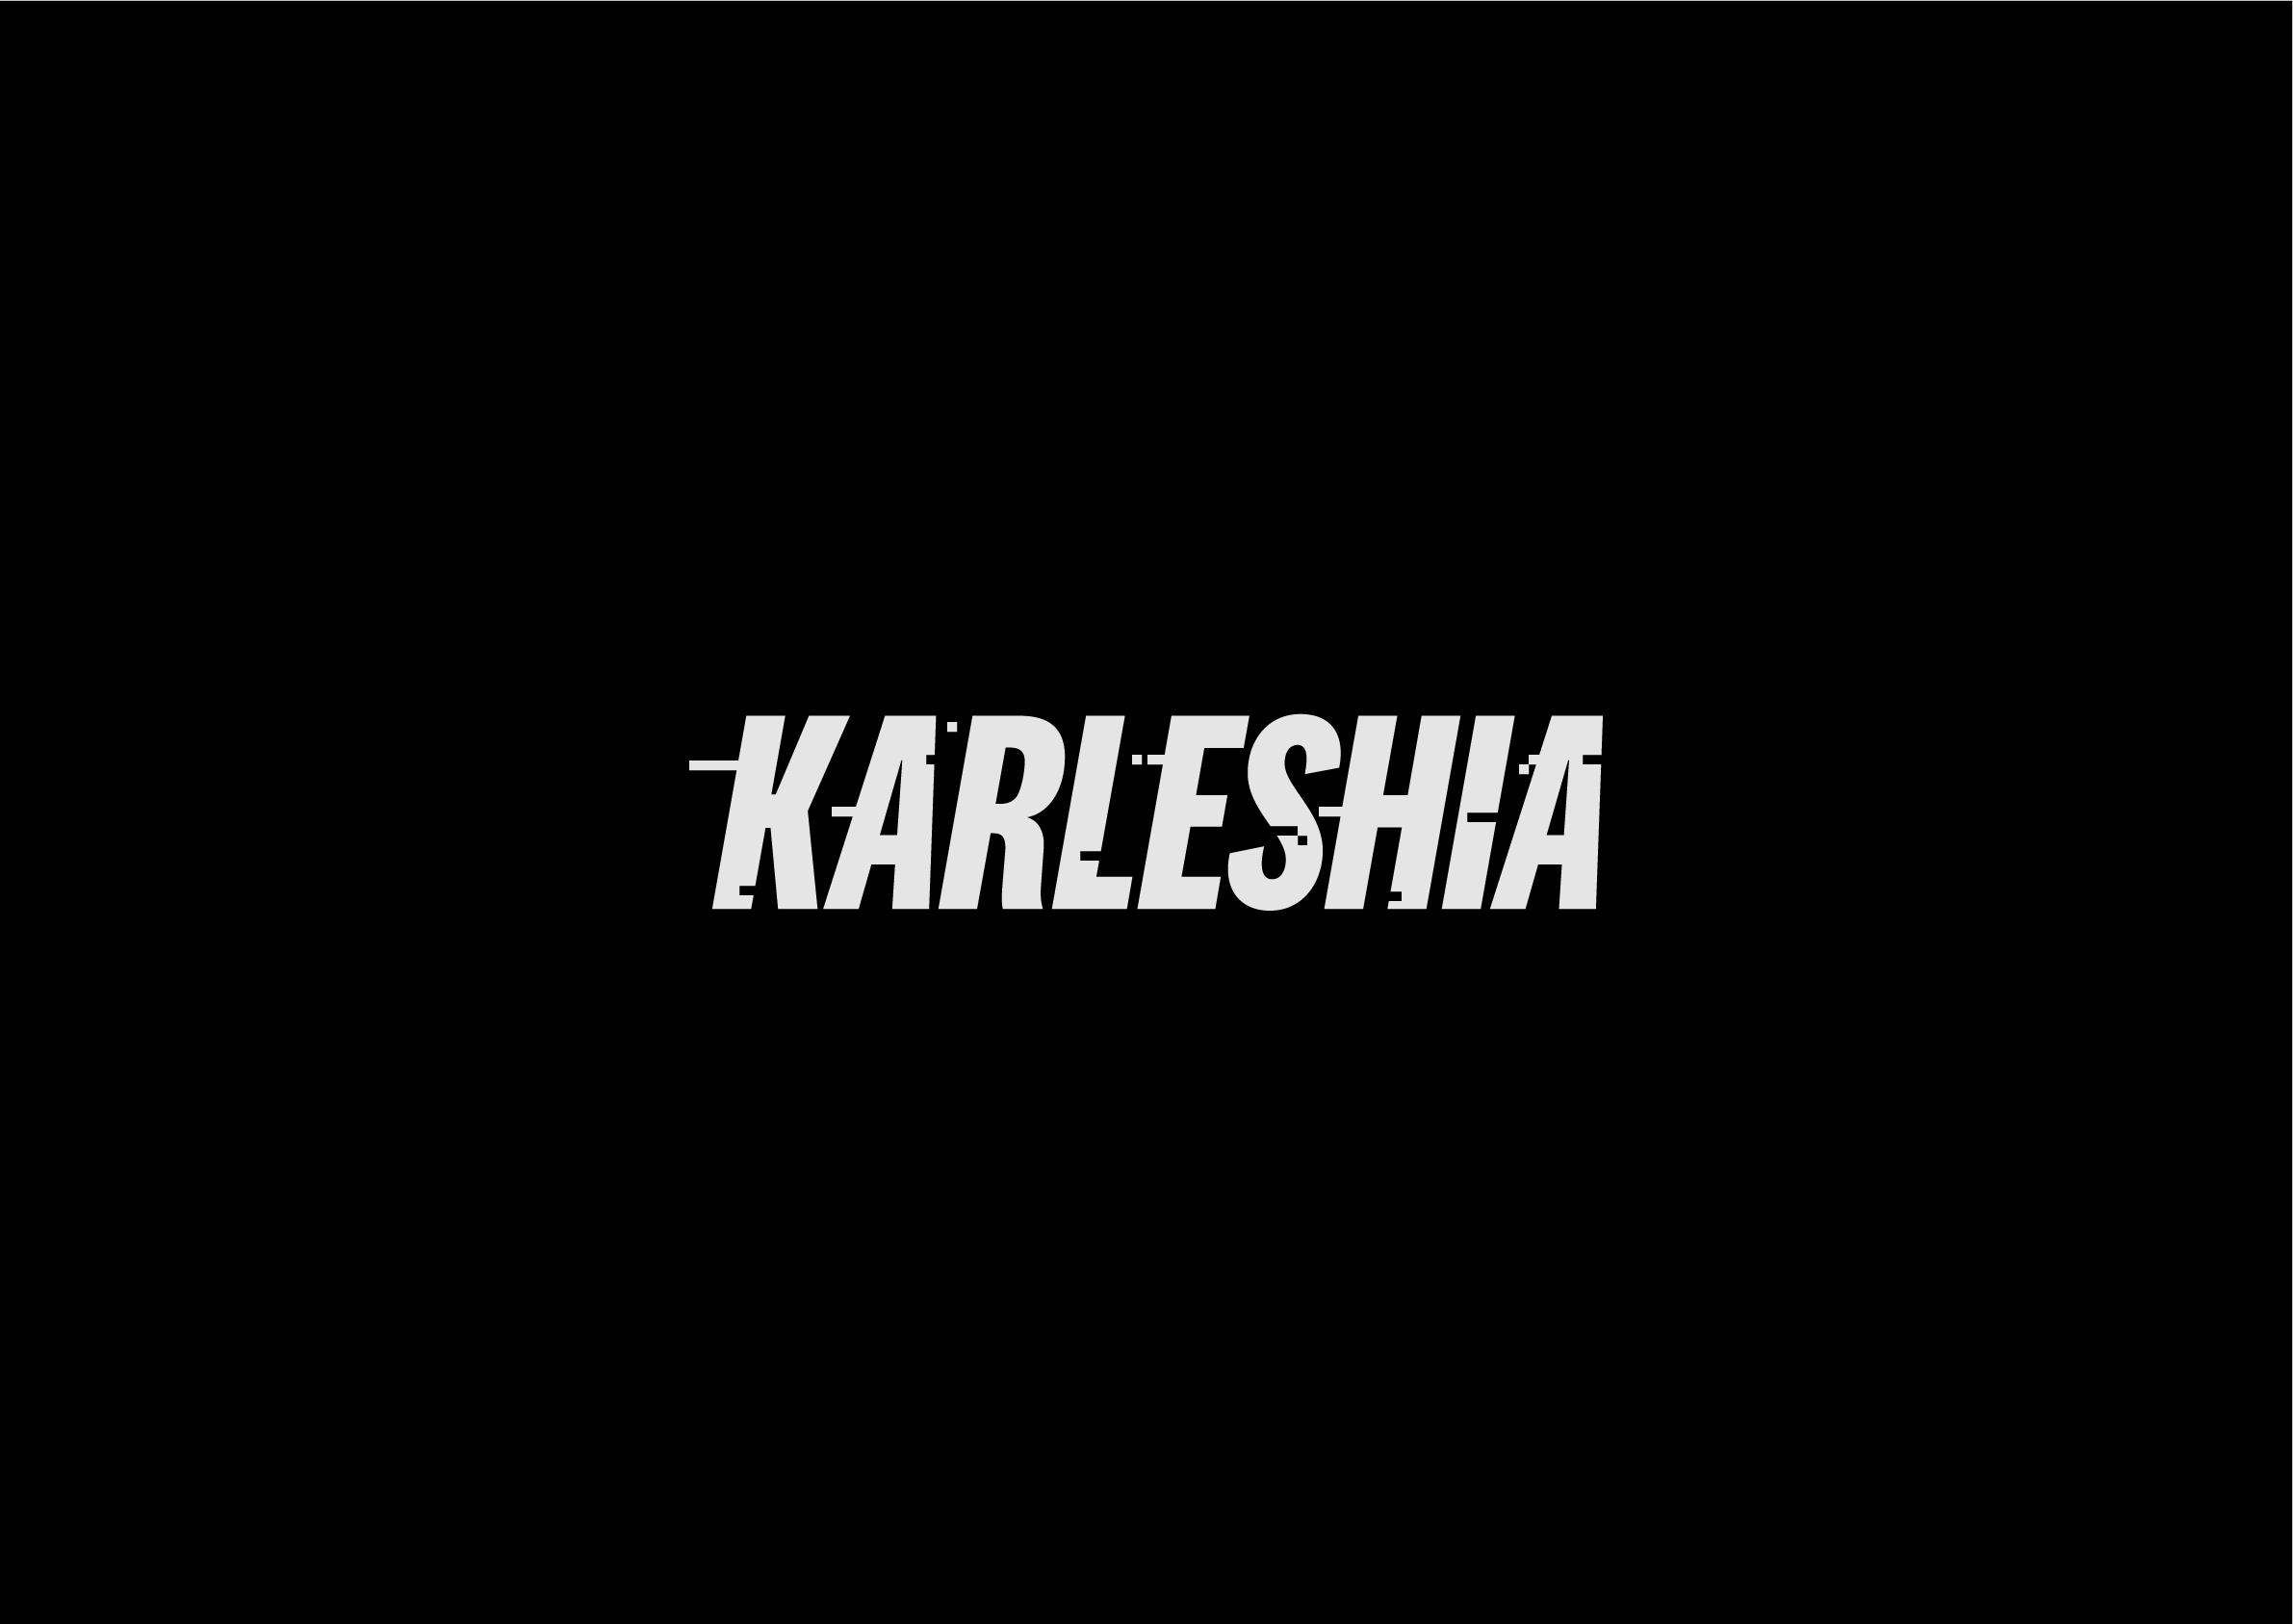 karleshia-5.jpg